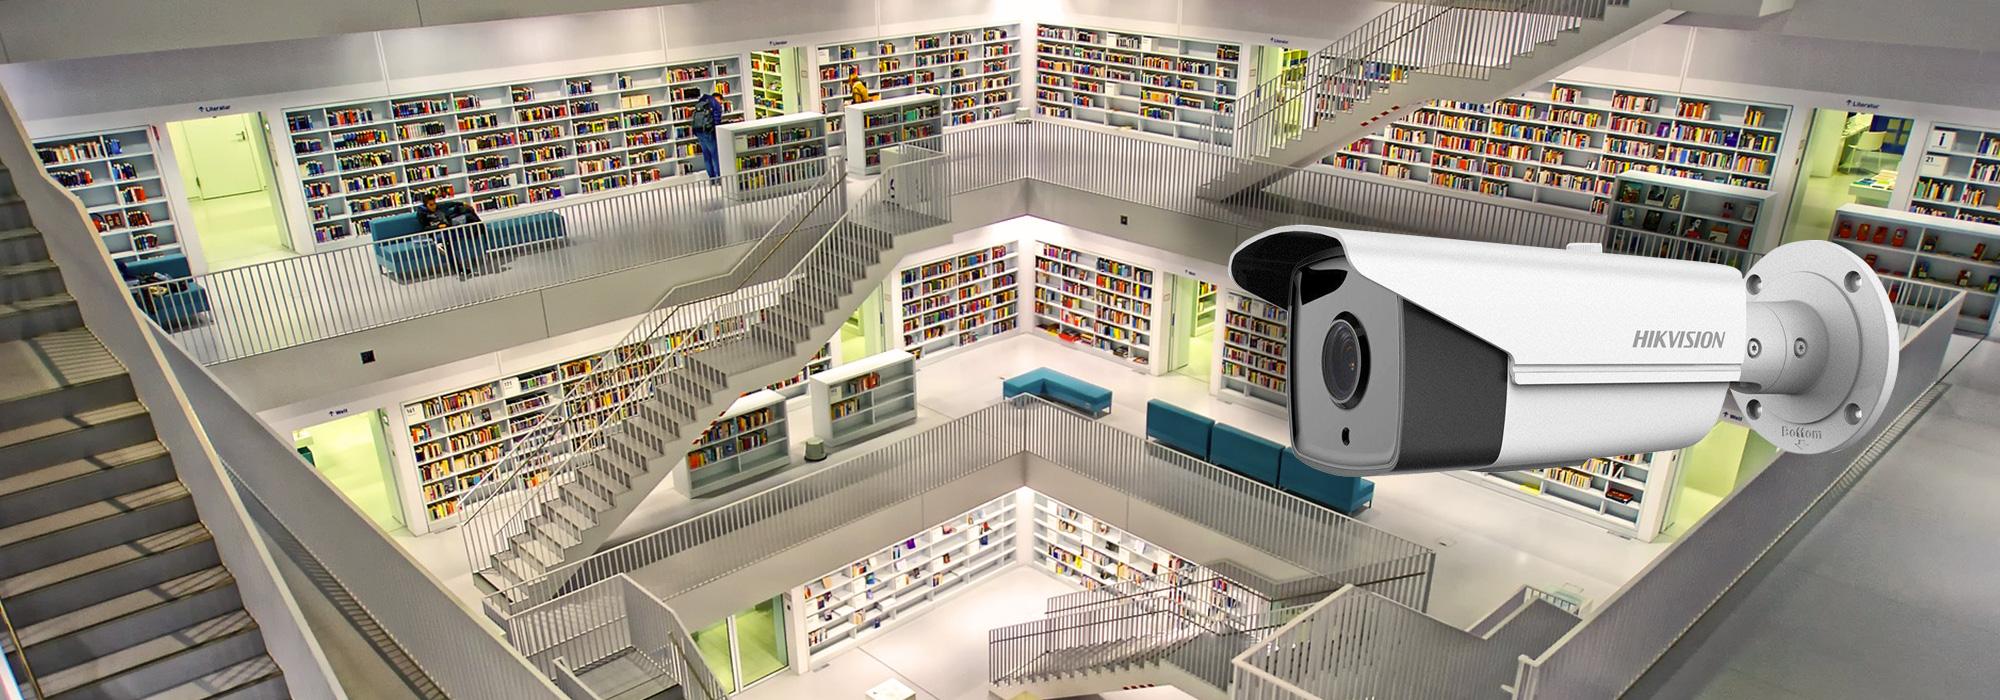 sistemi di videosorveglianza per negozi